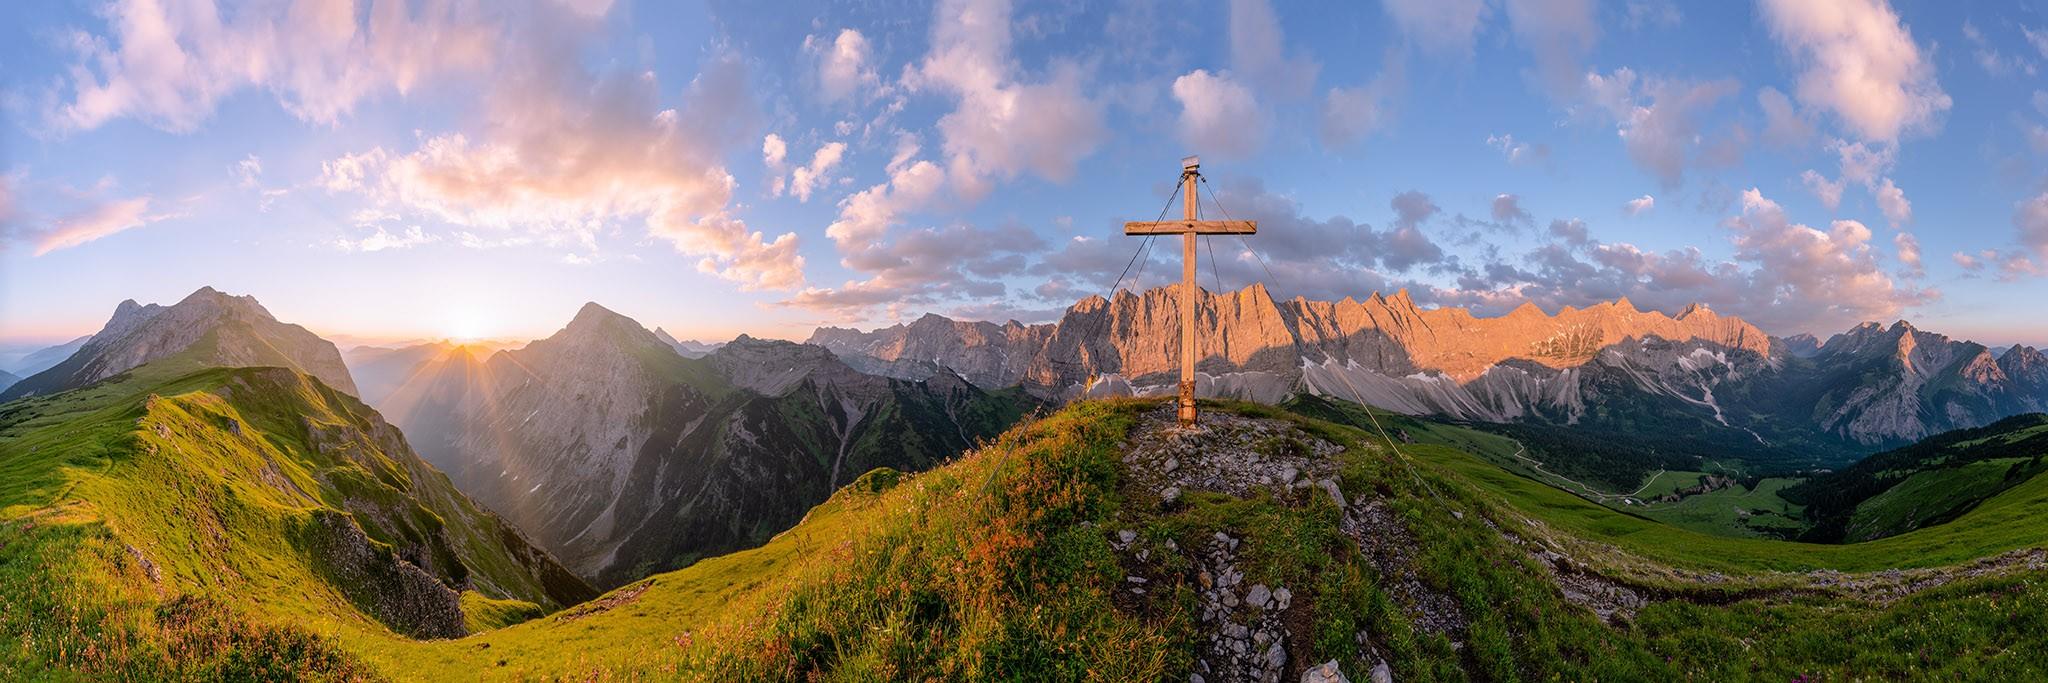 Sonnenaufgang am Mahnkopf mit Blick auf Karwendelhauptkamm im Sommer.